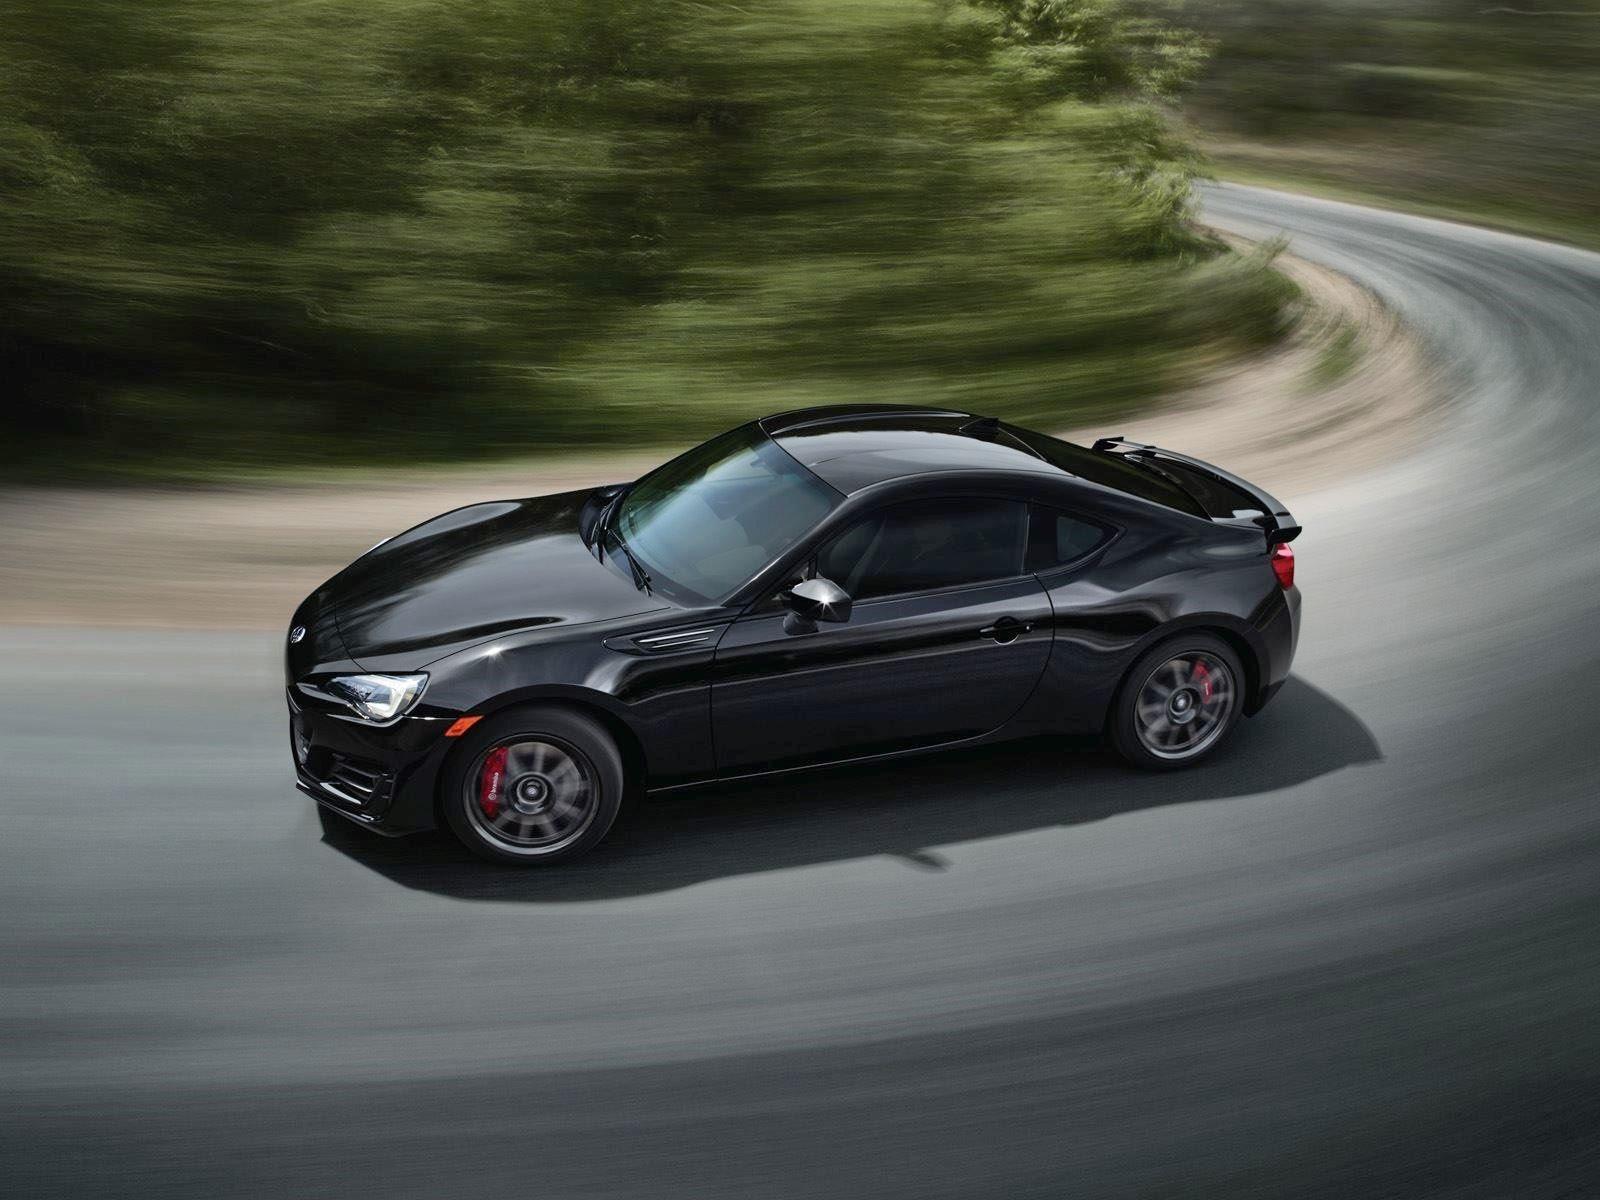 Текущий 2,0-литровый четырехцилиндровый двигатель производит 205 лошадиных сил и 211 Нм крутящего момента, поэтому было бы неплохо увидеть больше мощности в следующем поколении. Если эти слухи верны, мы не увидим следующие GT86 примерно до 2021 года,